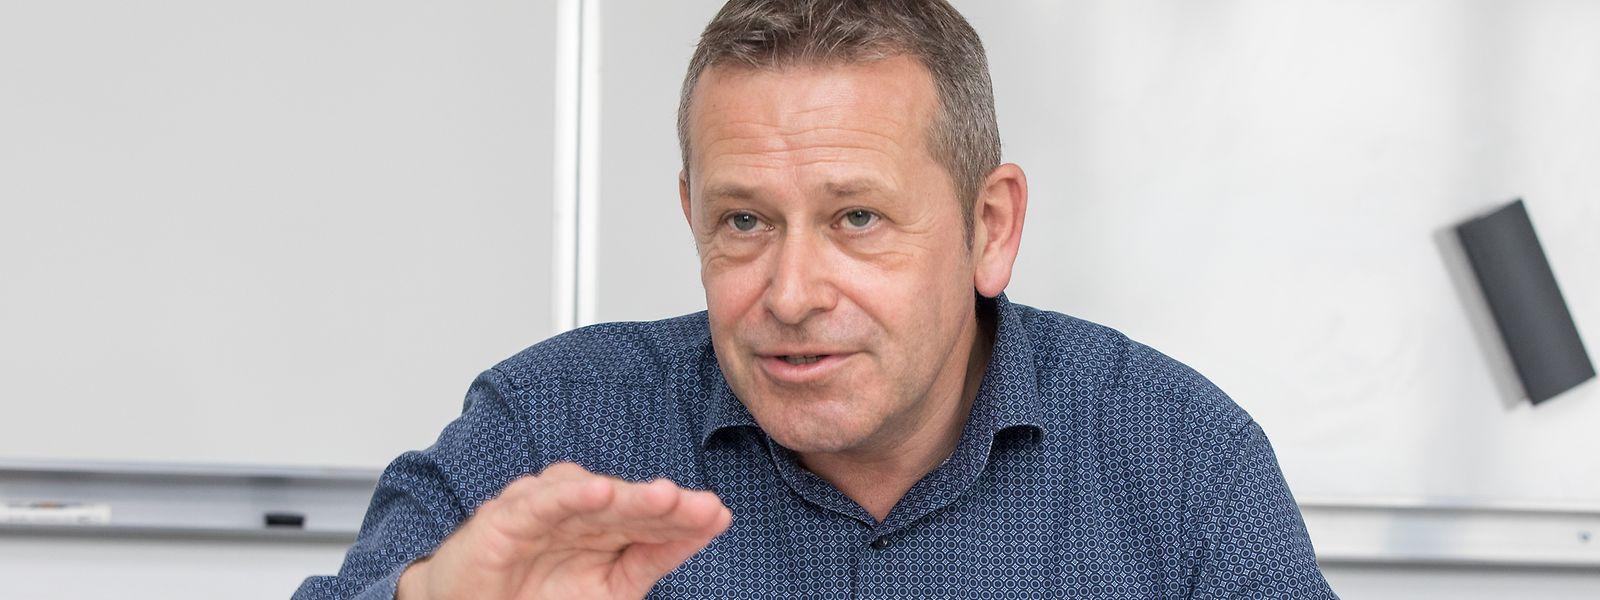 Julian Proffitt, Präsident des Verbands der Luxemburger Autozulieferer (ILEA), plädiert für mehr Ehrlichkeit bei der Diskussion um CO2-Reduzierung.